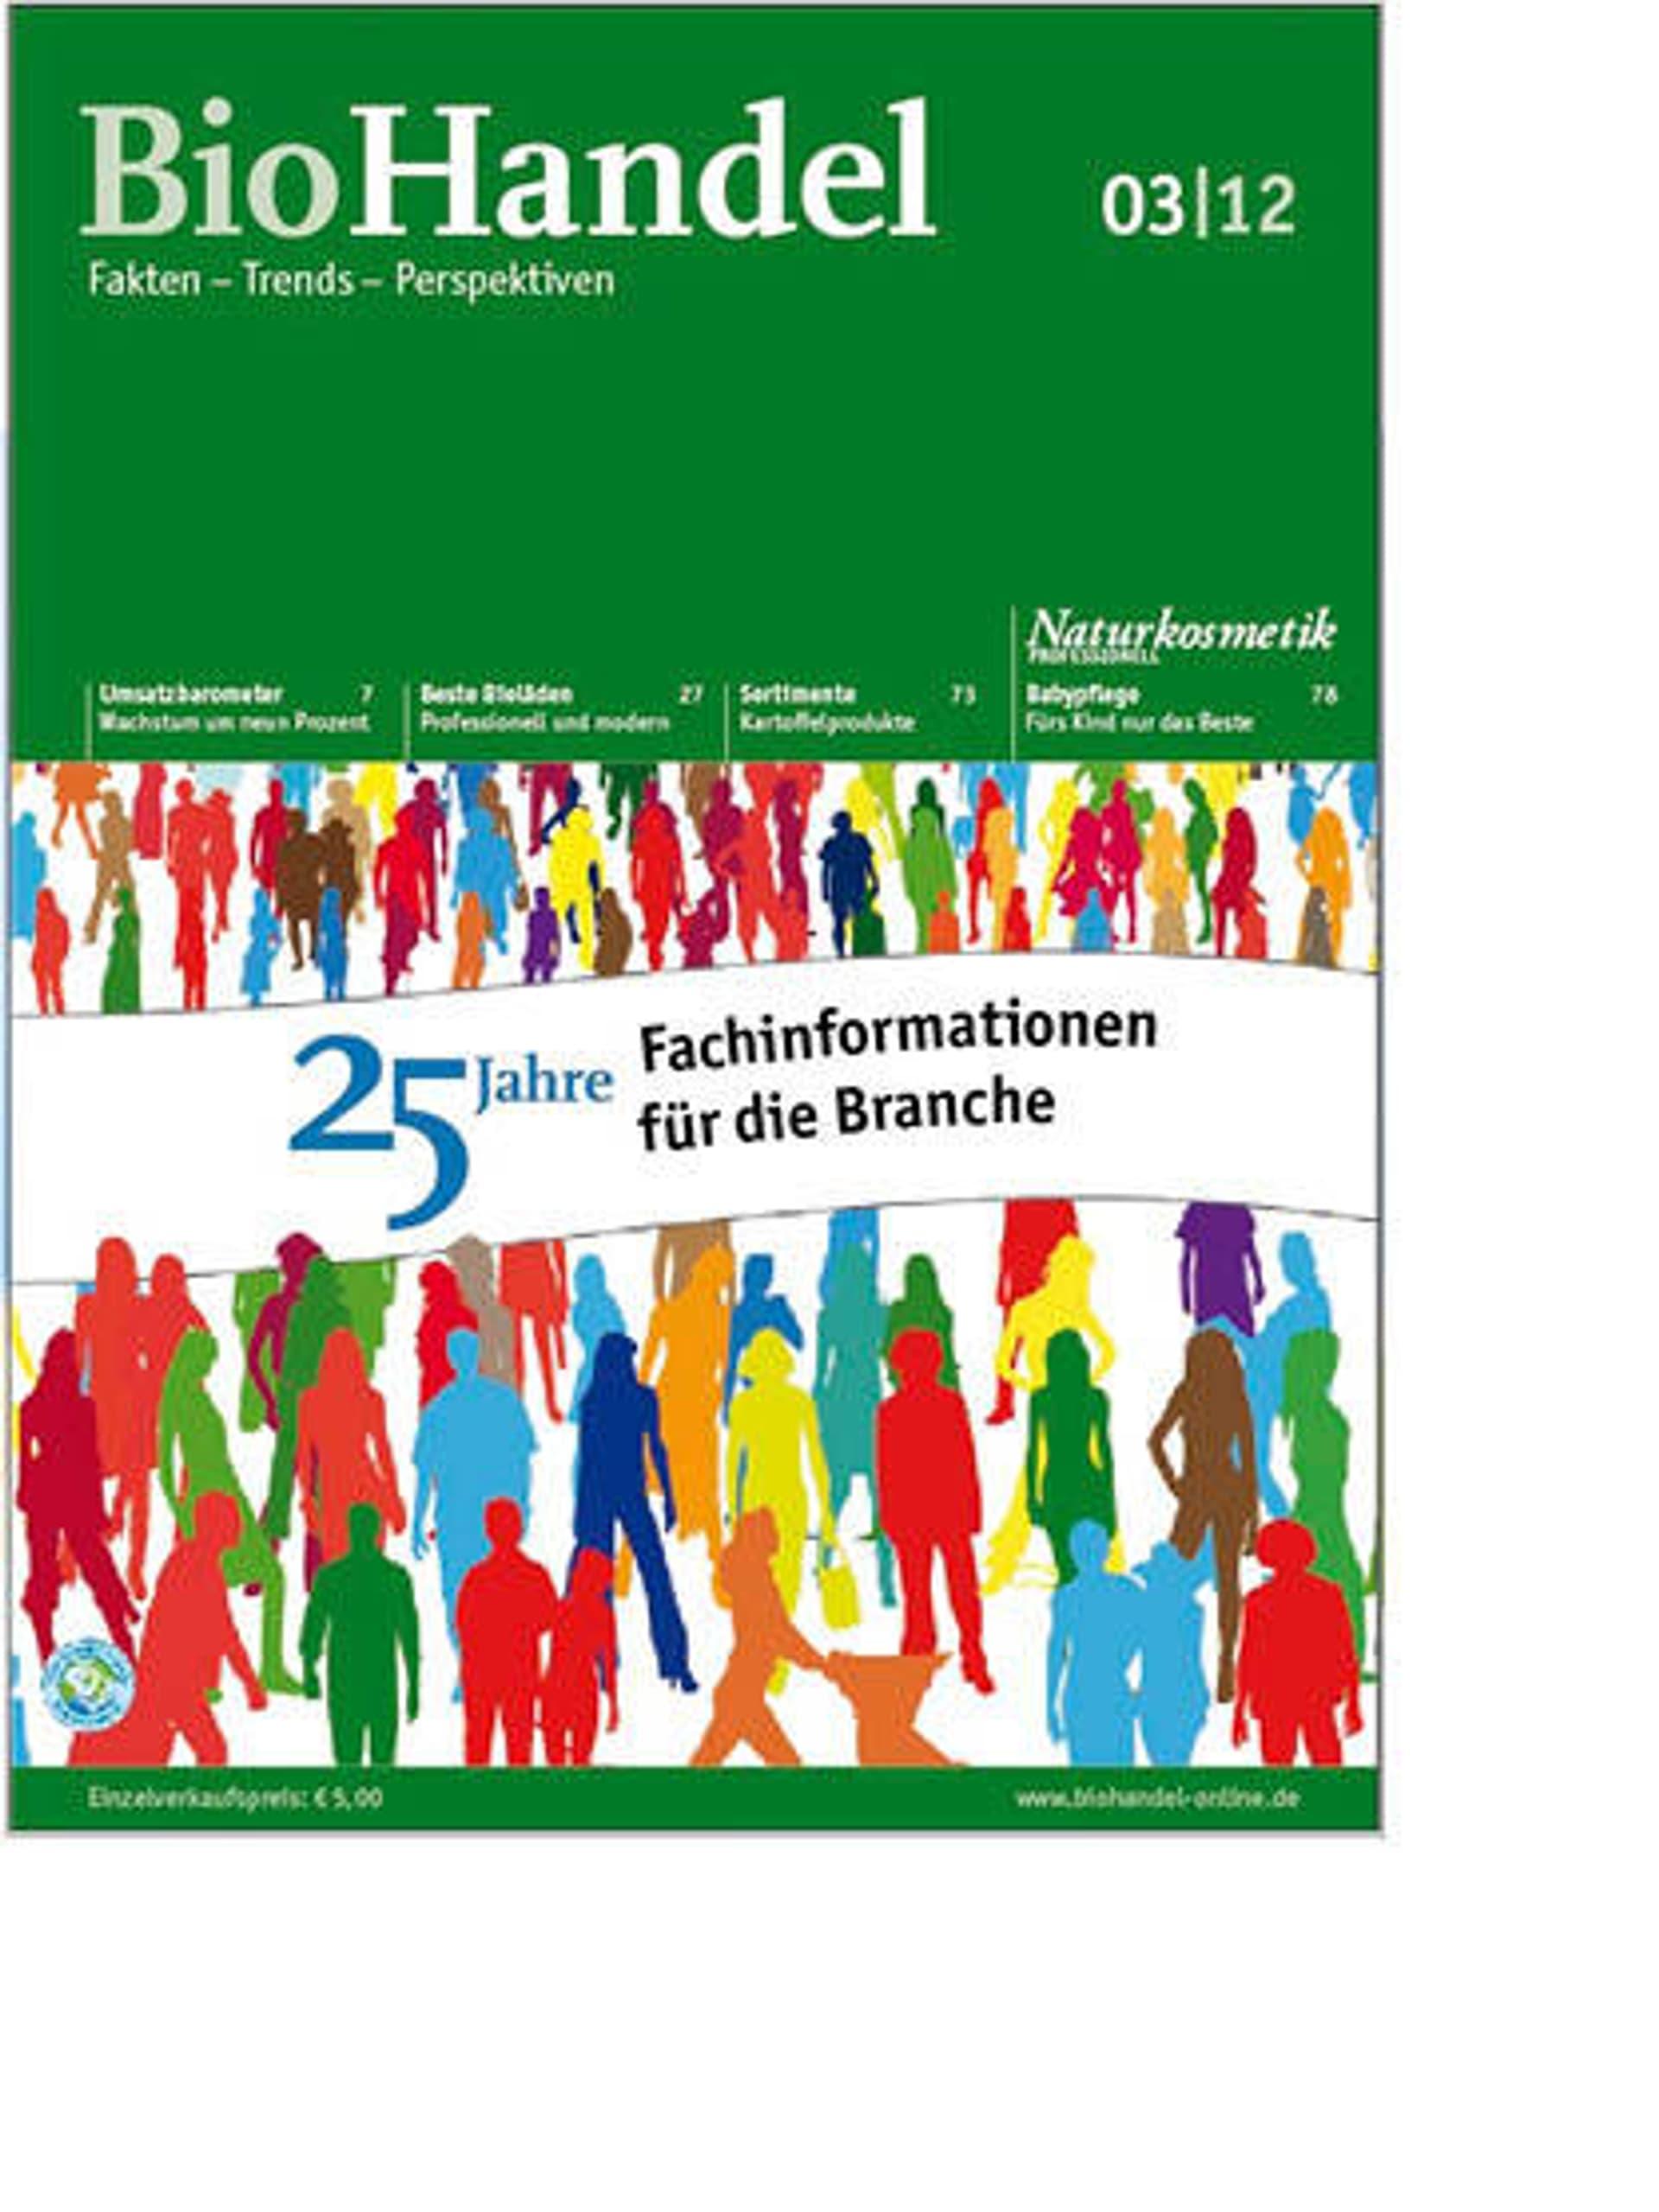 BioHandel März 2012